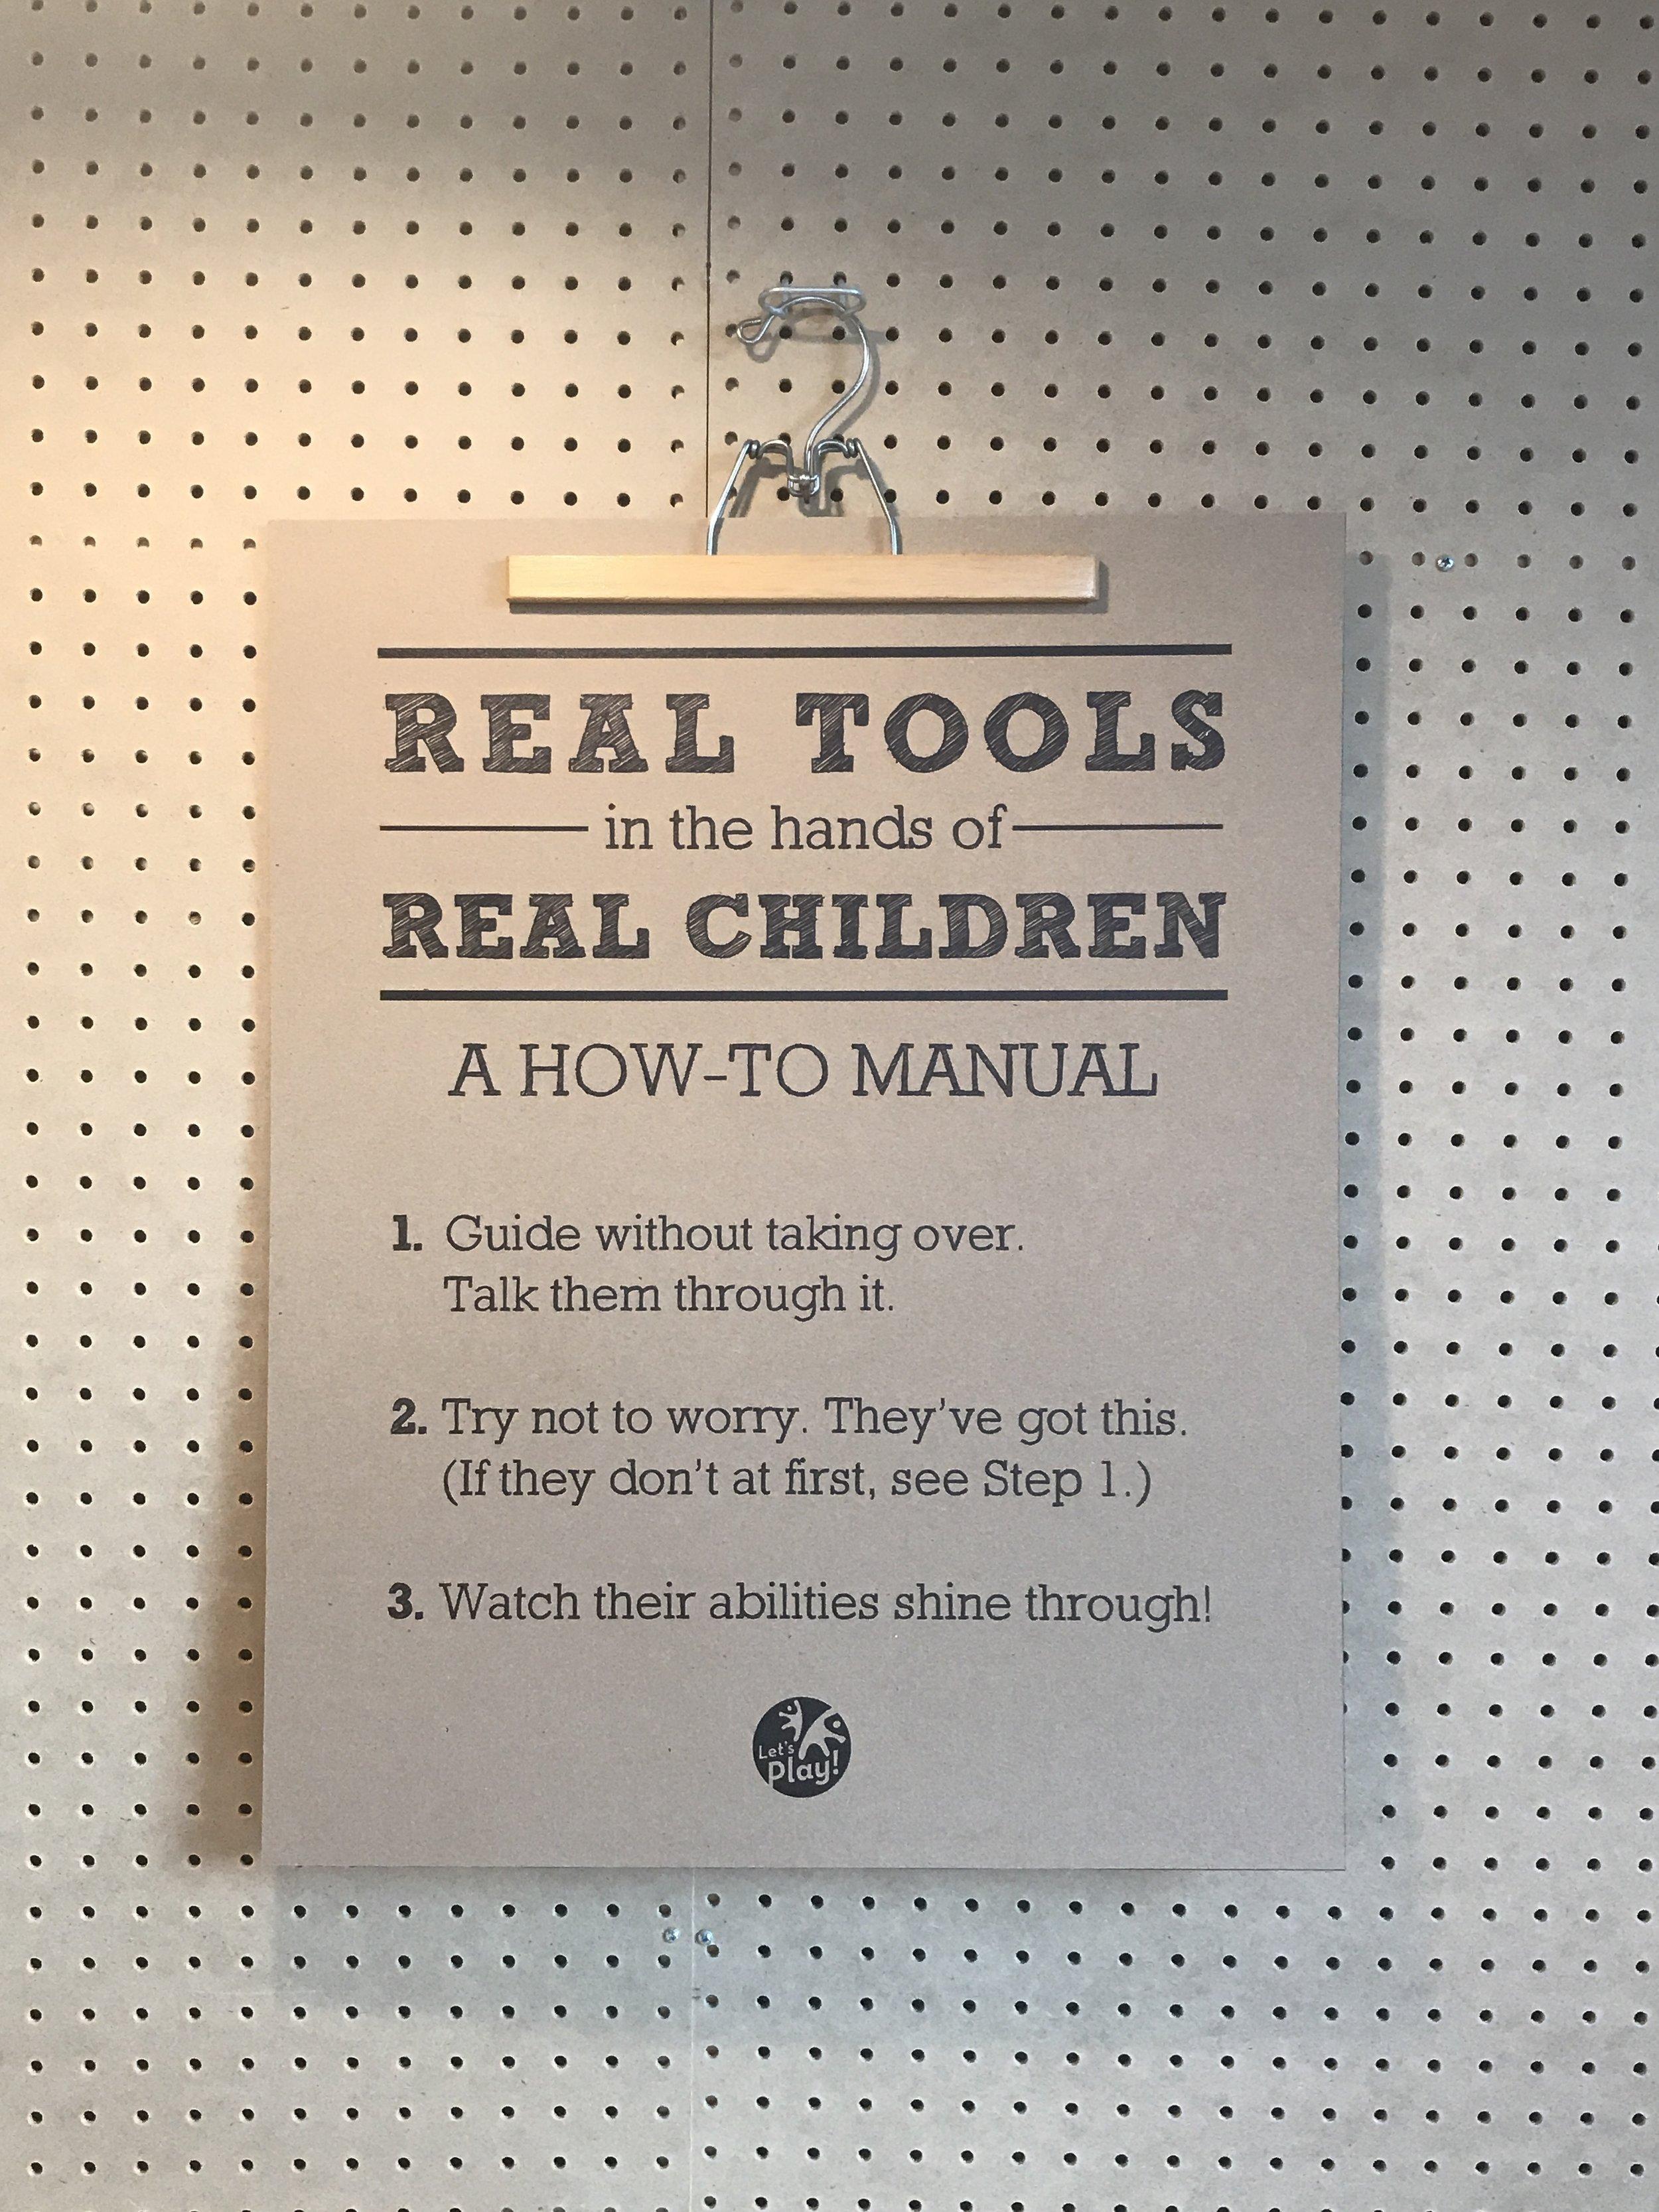 Minnesota Children's Museum: The Studio